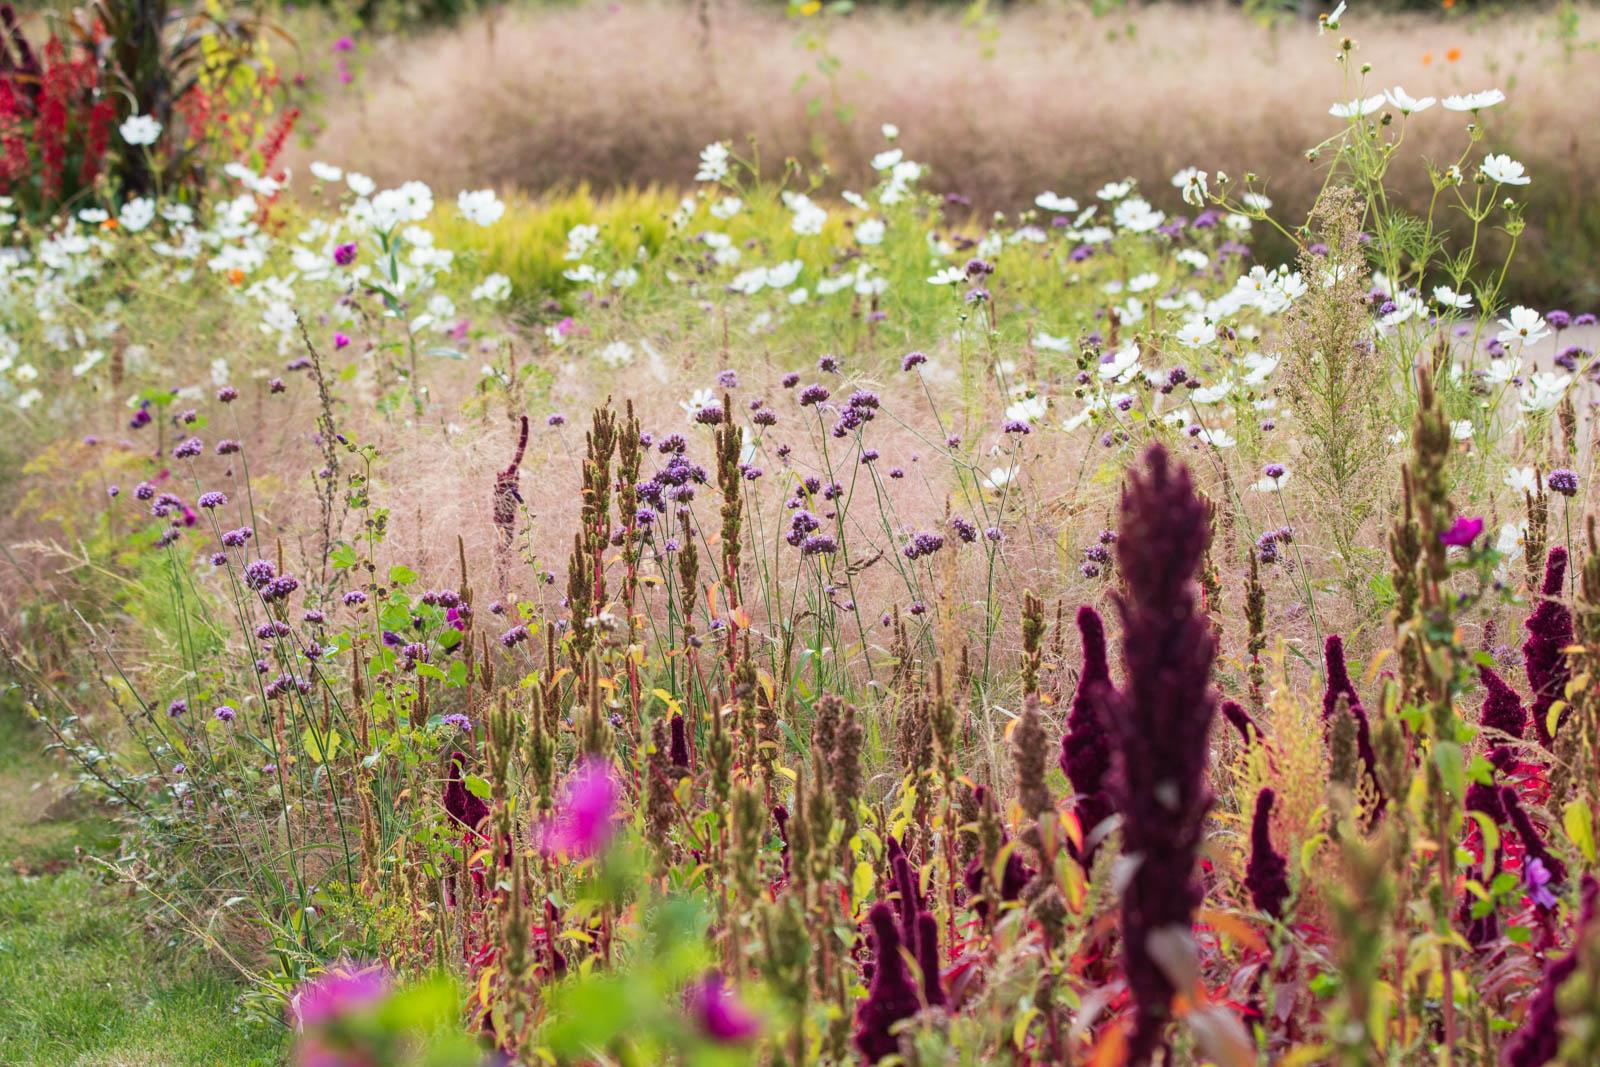 Gärten der Welt, Berlin Marzahn, Saat-Beet mit Amaranthus, Verbena bonariensis und Coreopsis